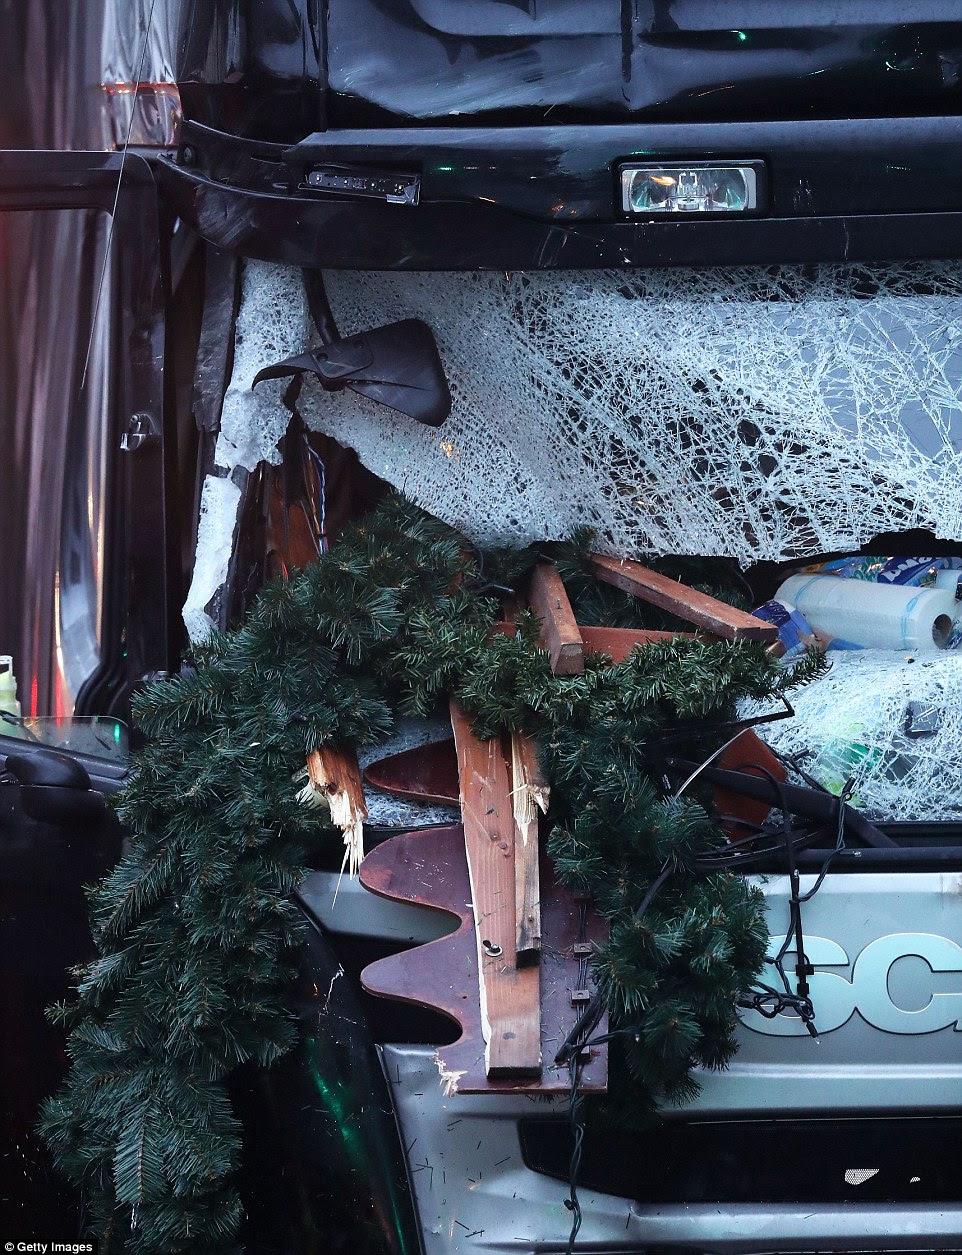 Close up: O vidro quebrado no pára-brisa de um caminhão de manhã depois de arado por meio do mercado de Natal